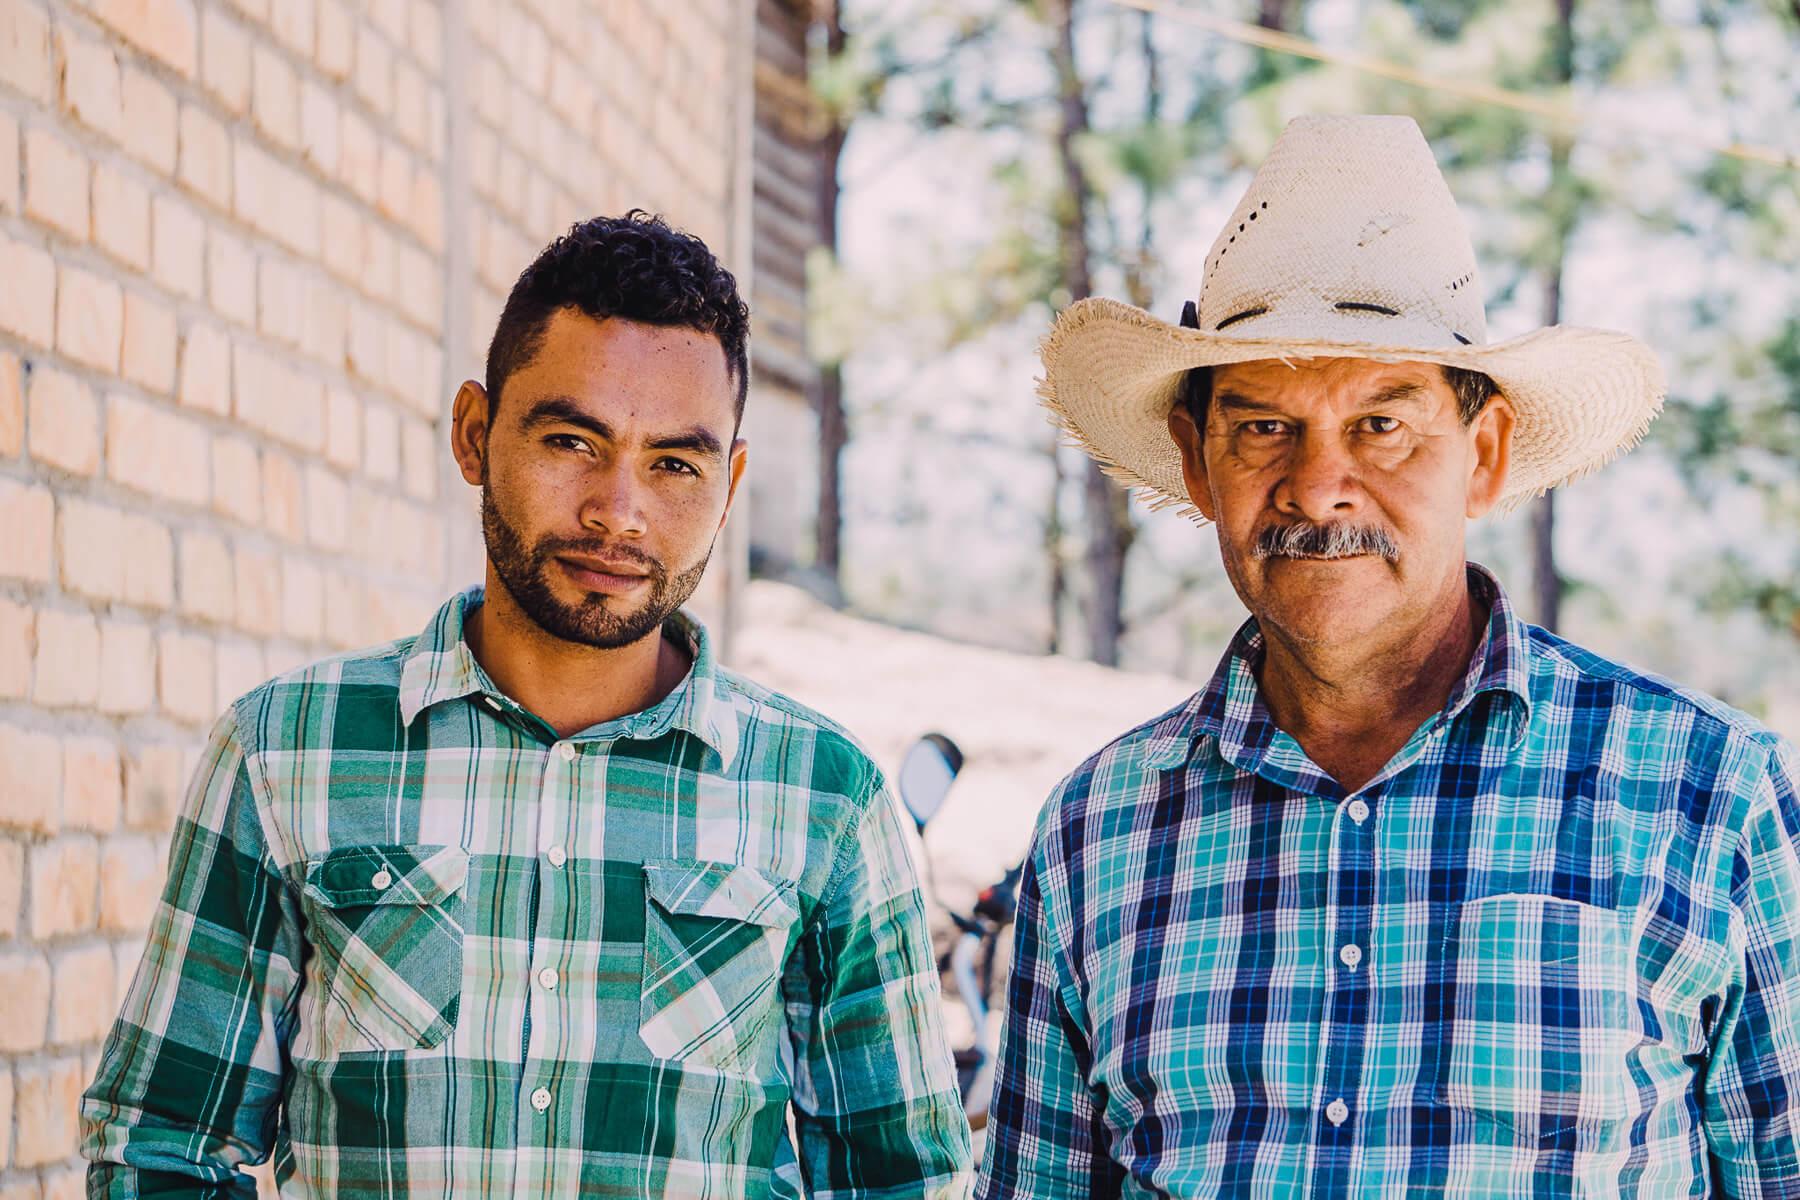 Rural Honduras farmers